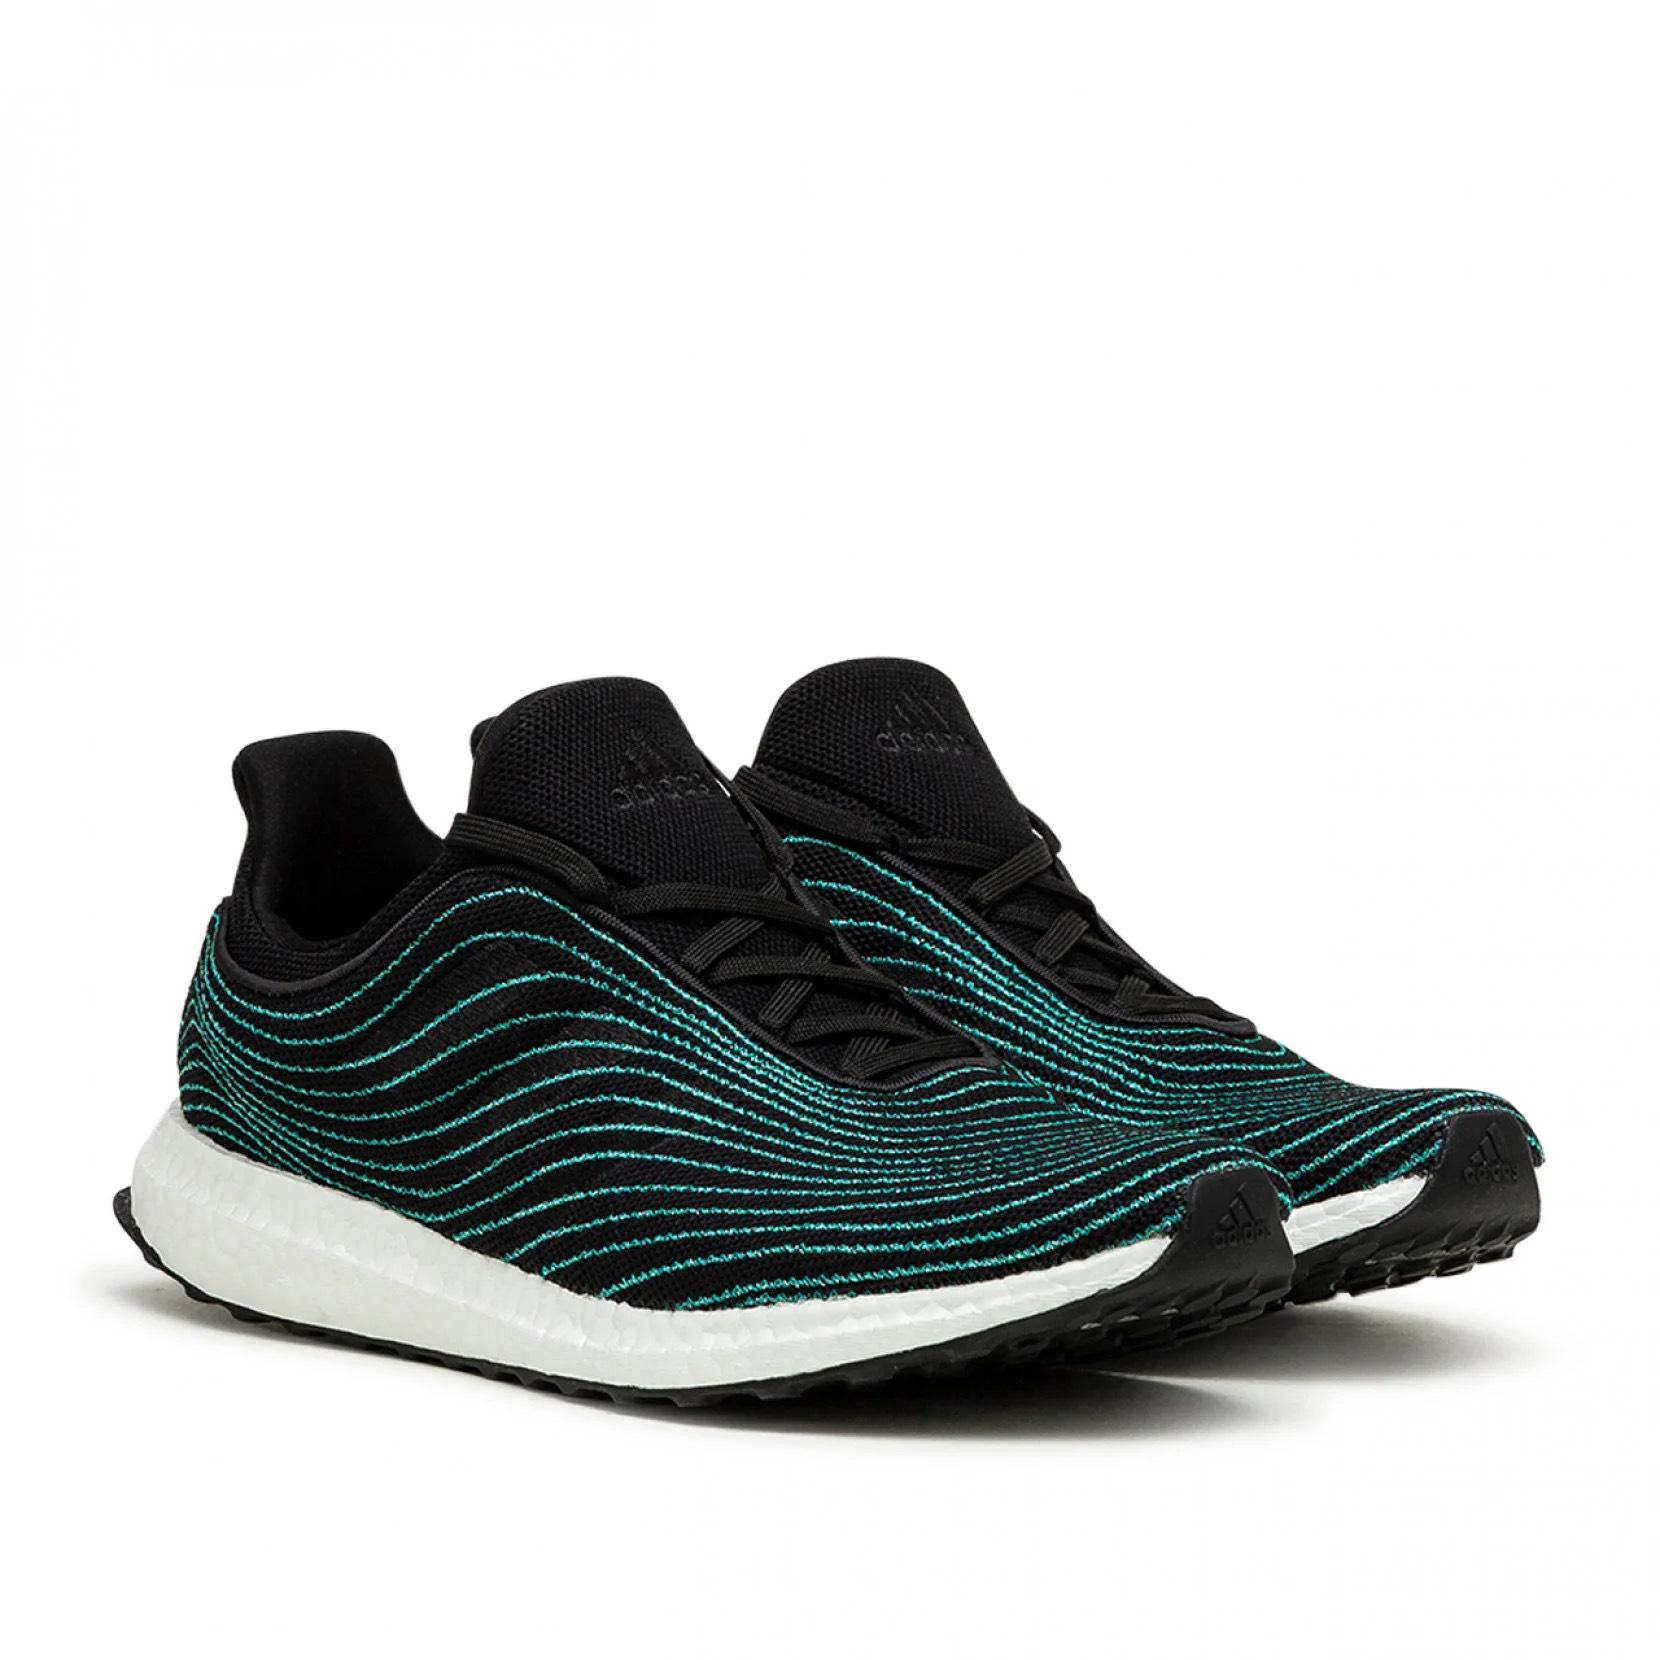 31% auf Alles bei Allike + Sale z.B. Adidas x Parley Ultraboost für 98€ statt 115€ sowie Veja, On, Nike, New Balance, Reebok, Converse, Vans